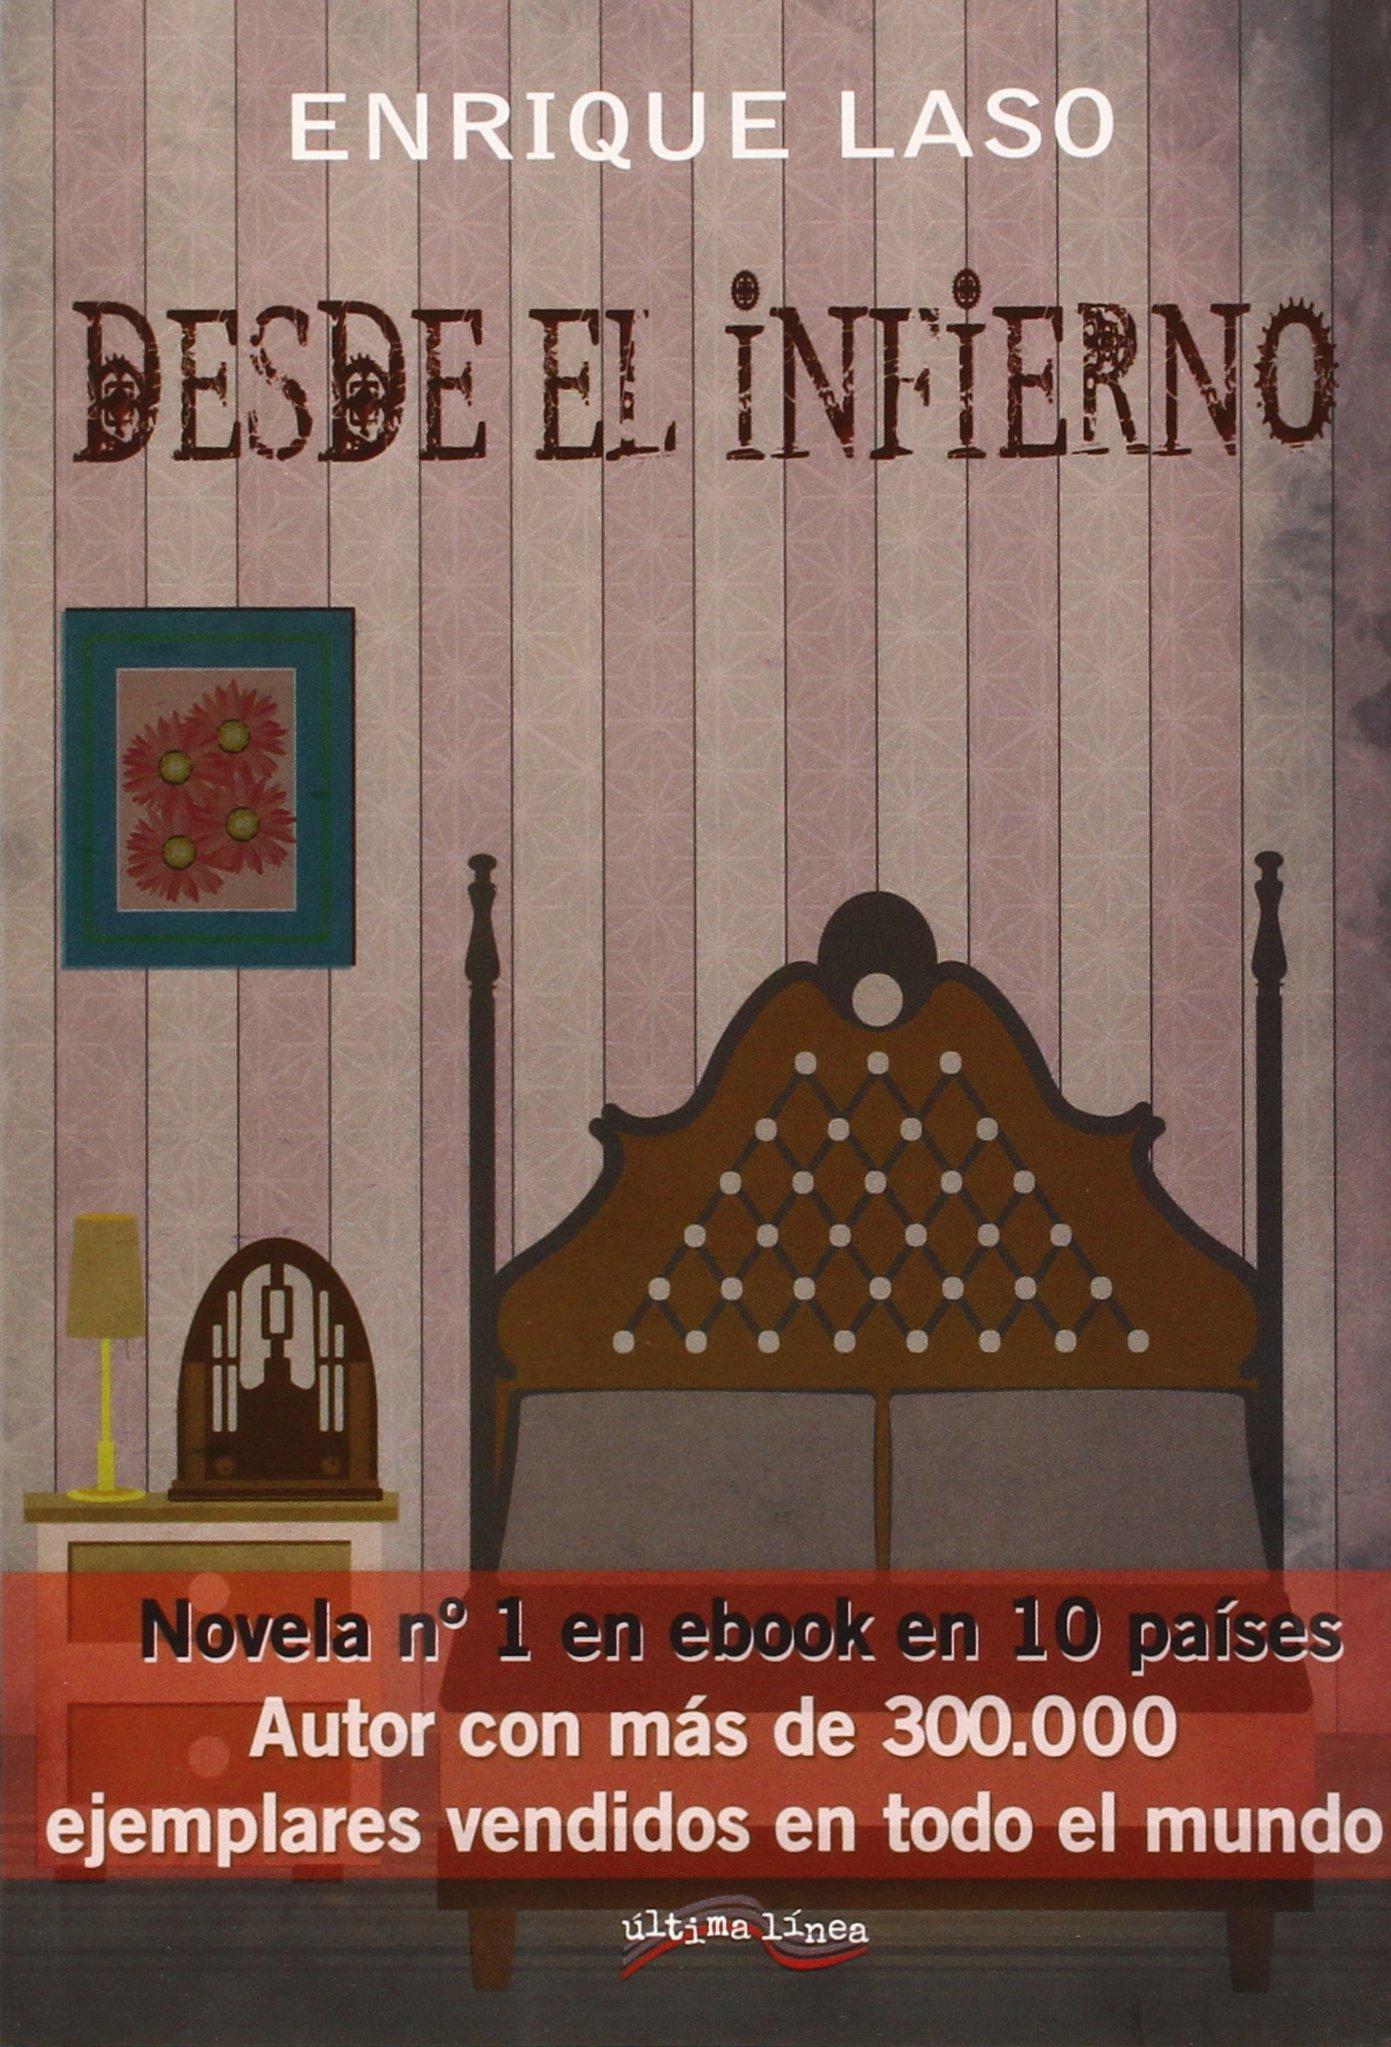 Desde el infierno (Última Línea de Narrativa): Amazon.es: Enrique Laso  Fuentes: Libros